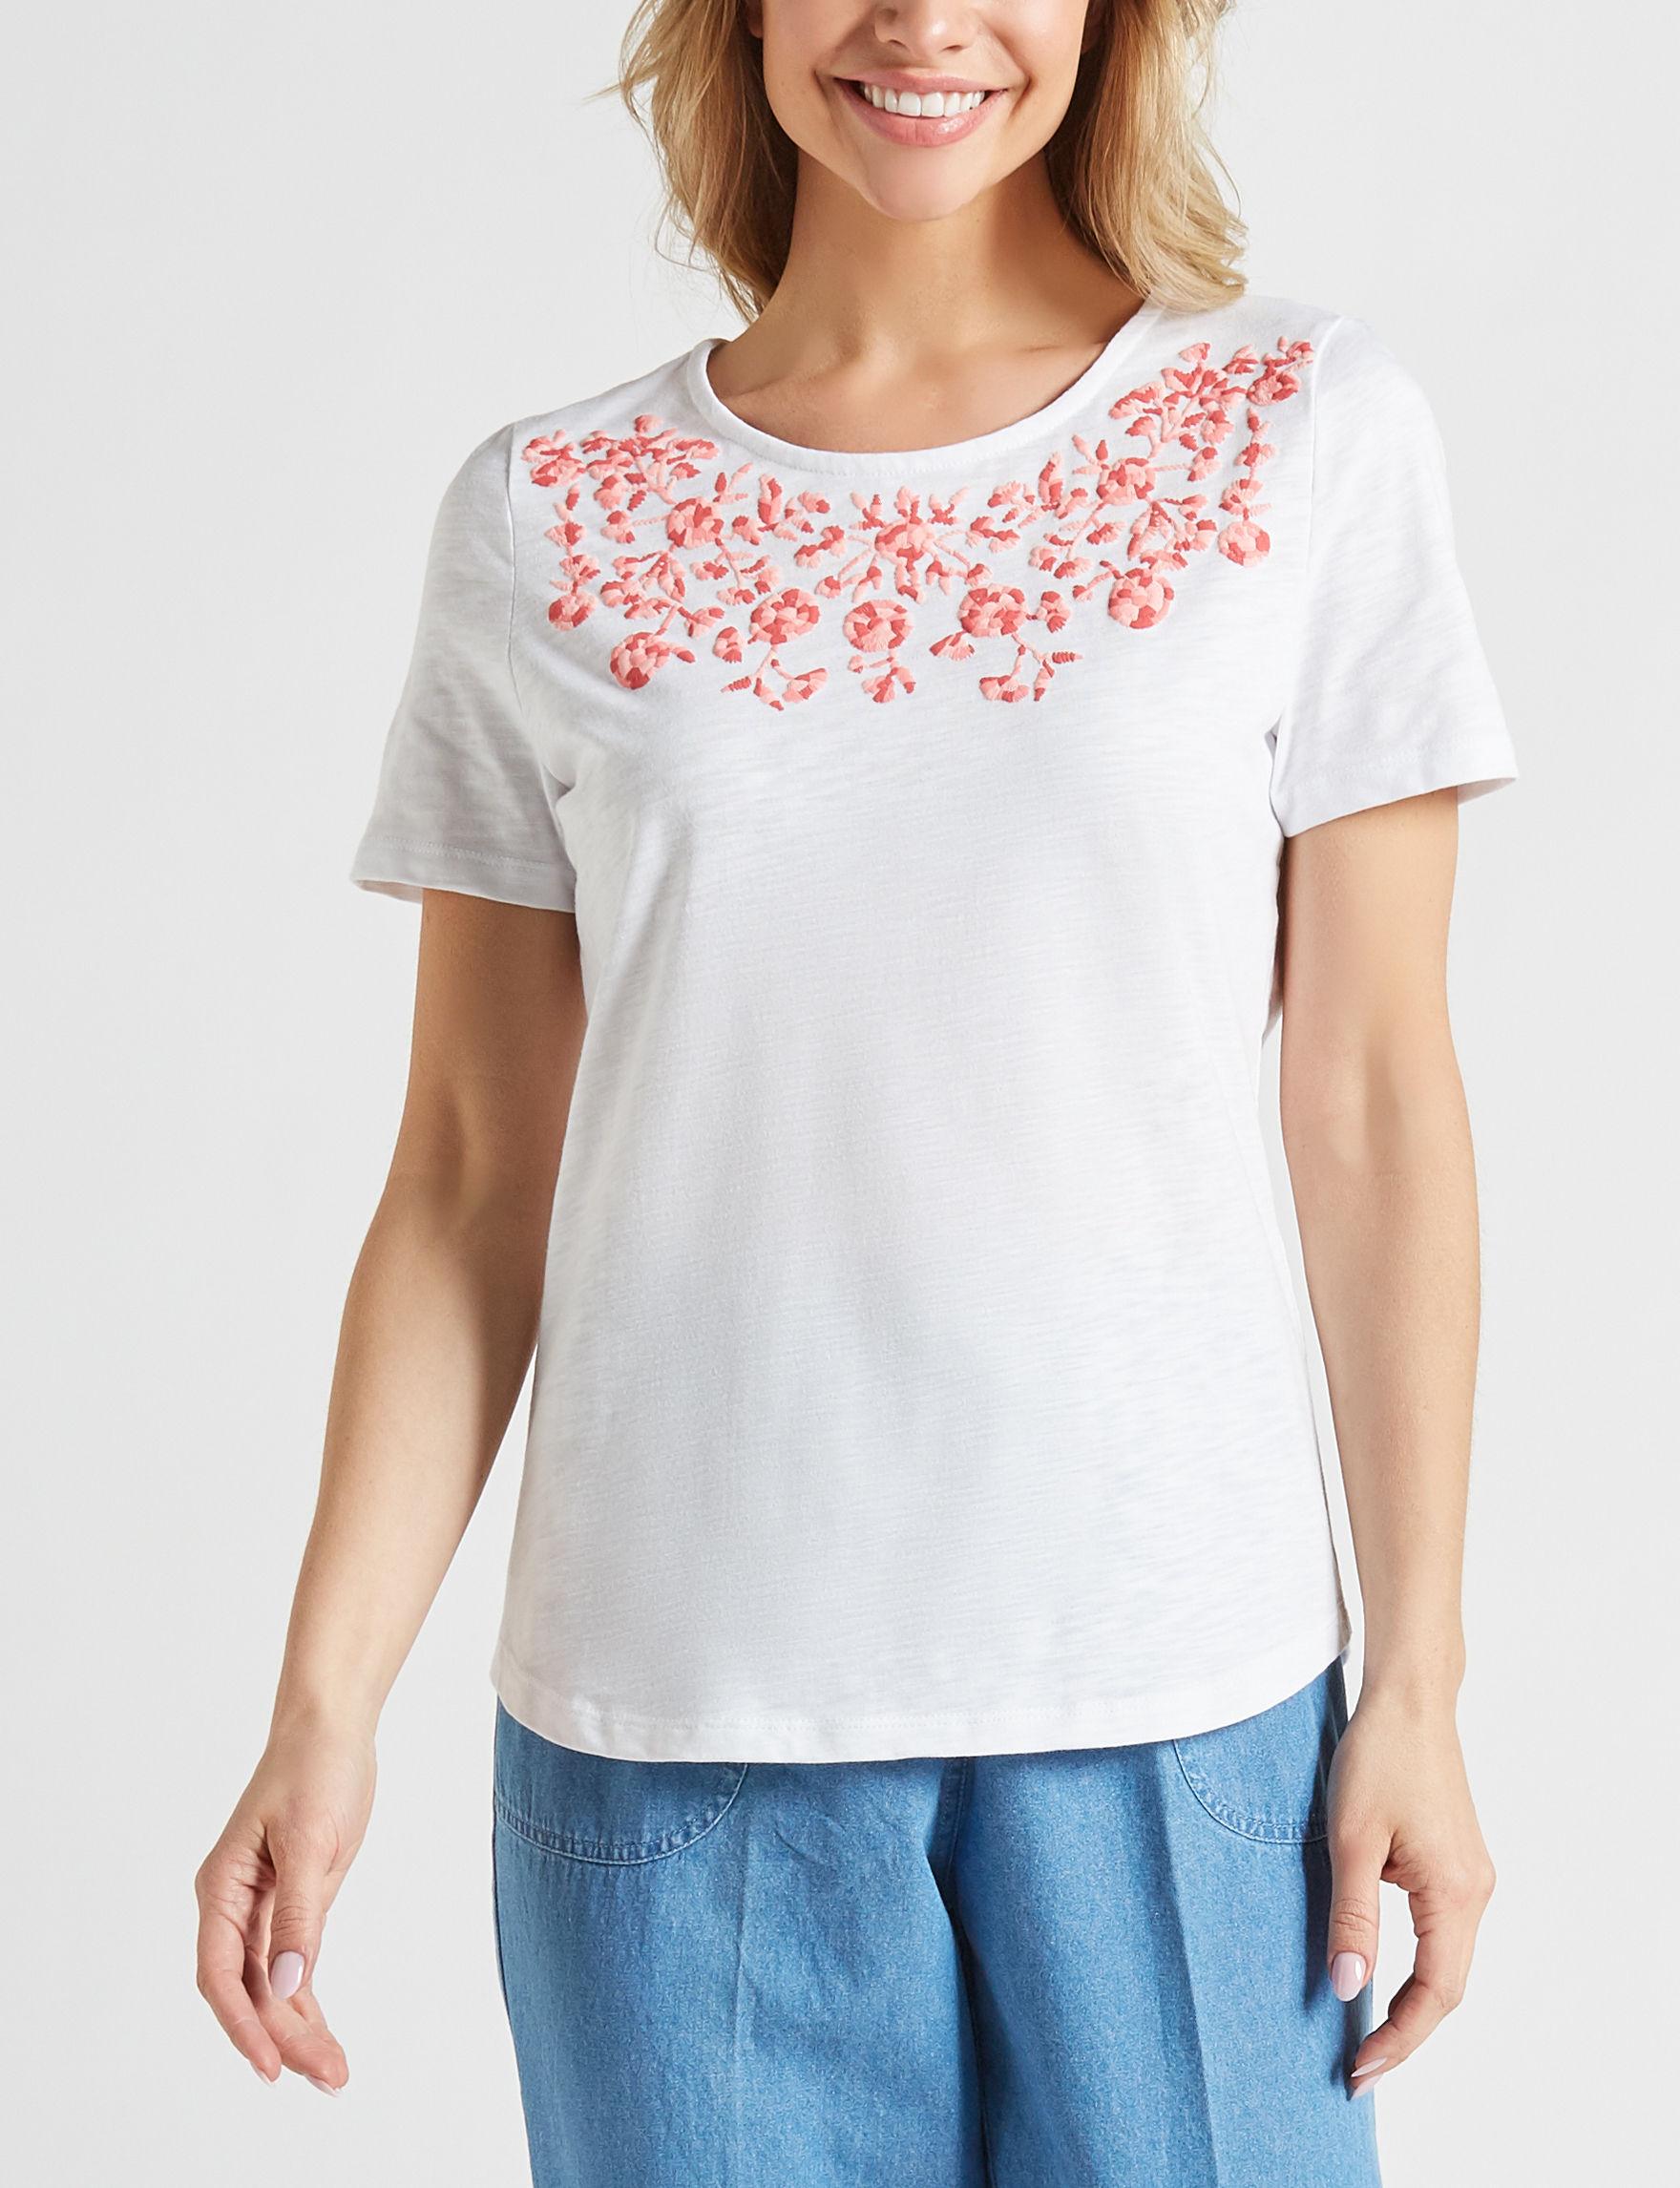 Rebecca Malone White / Pink Shirts & Blouses